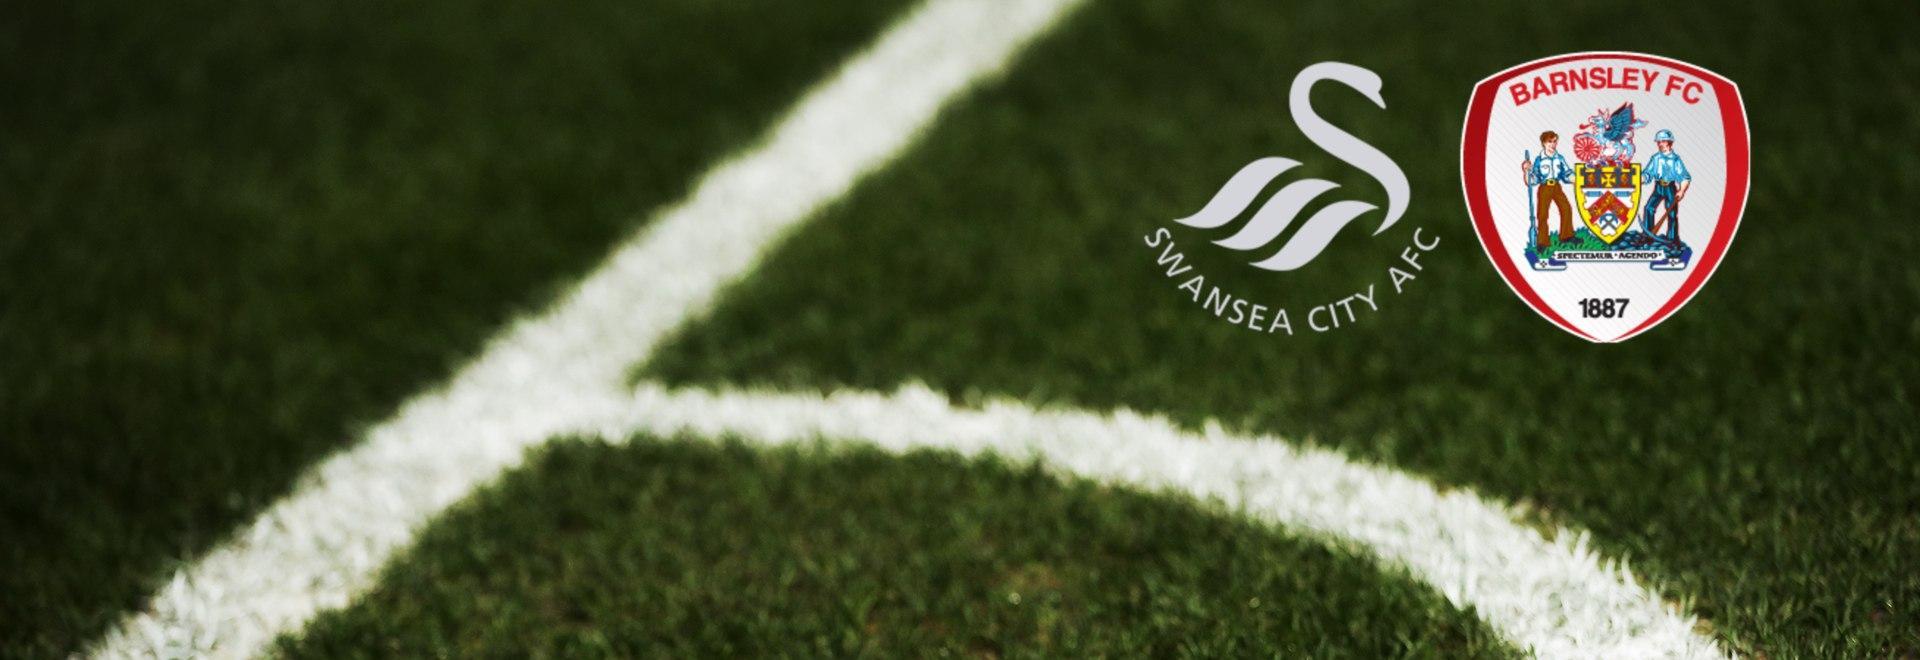 Swansea City - Barnsley